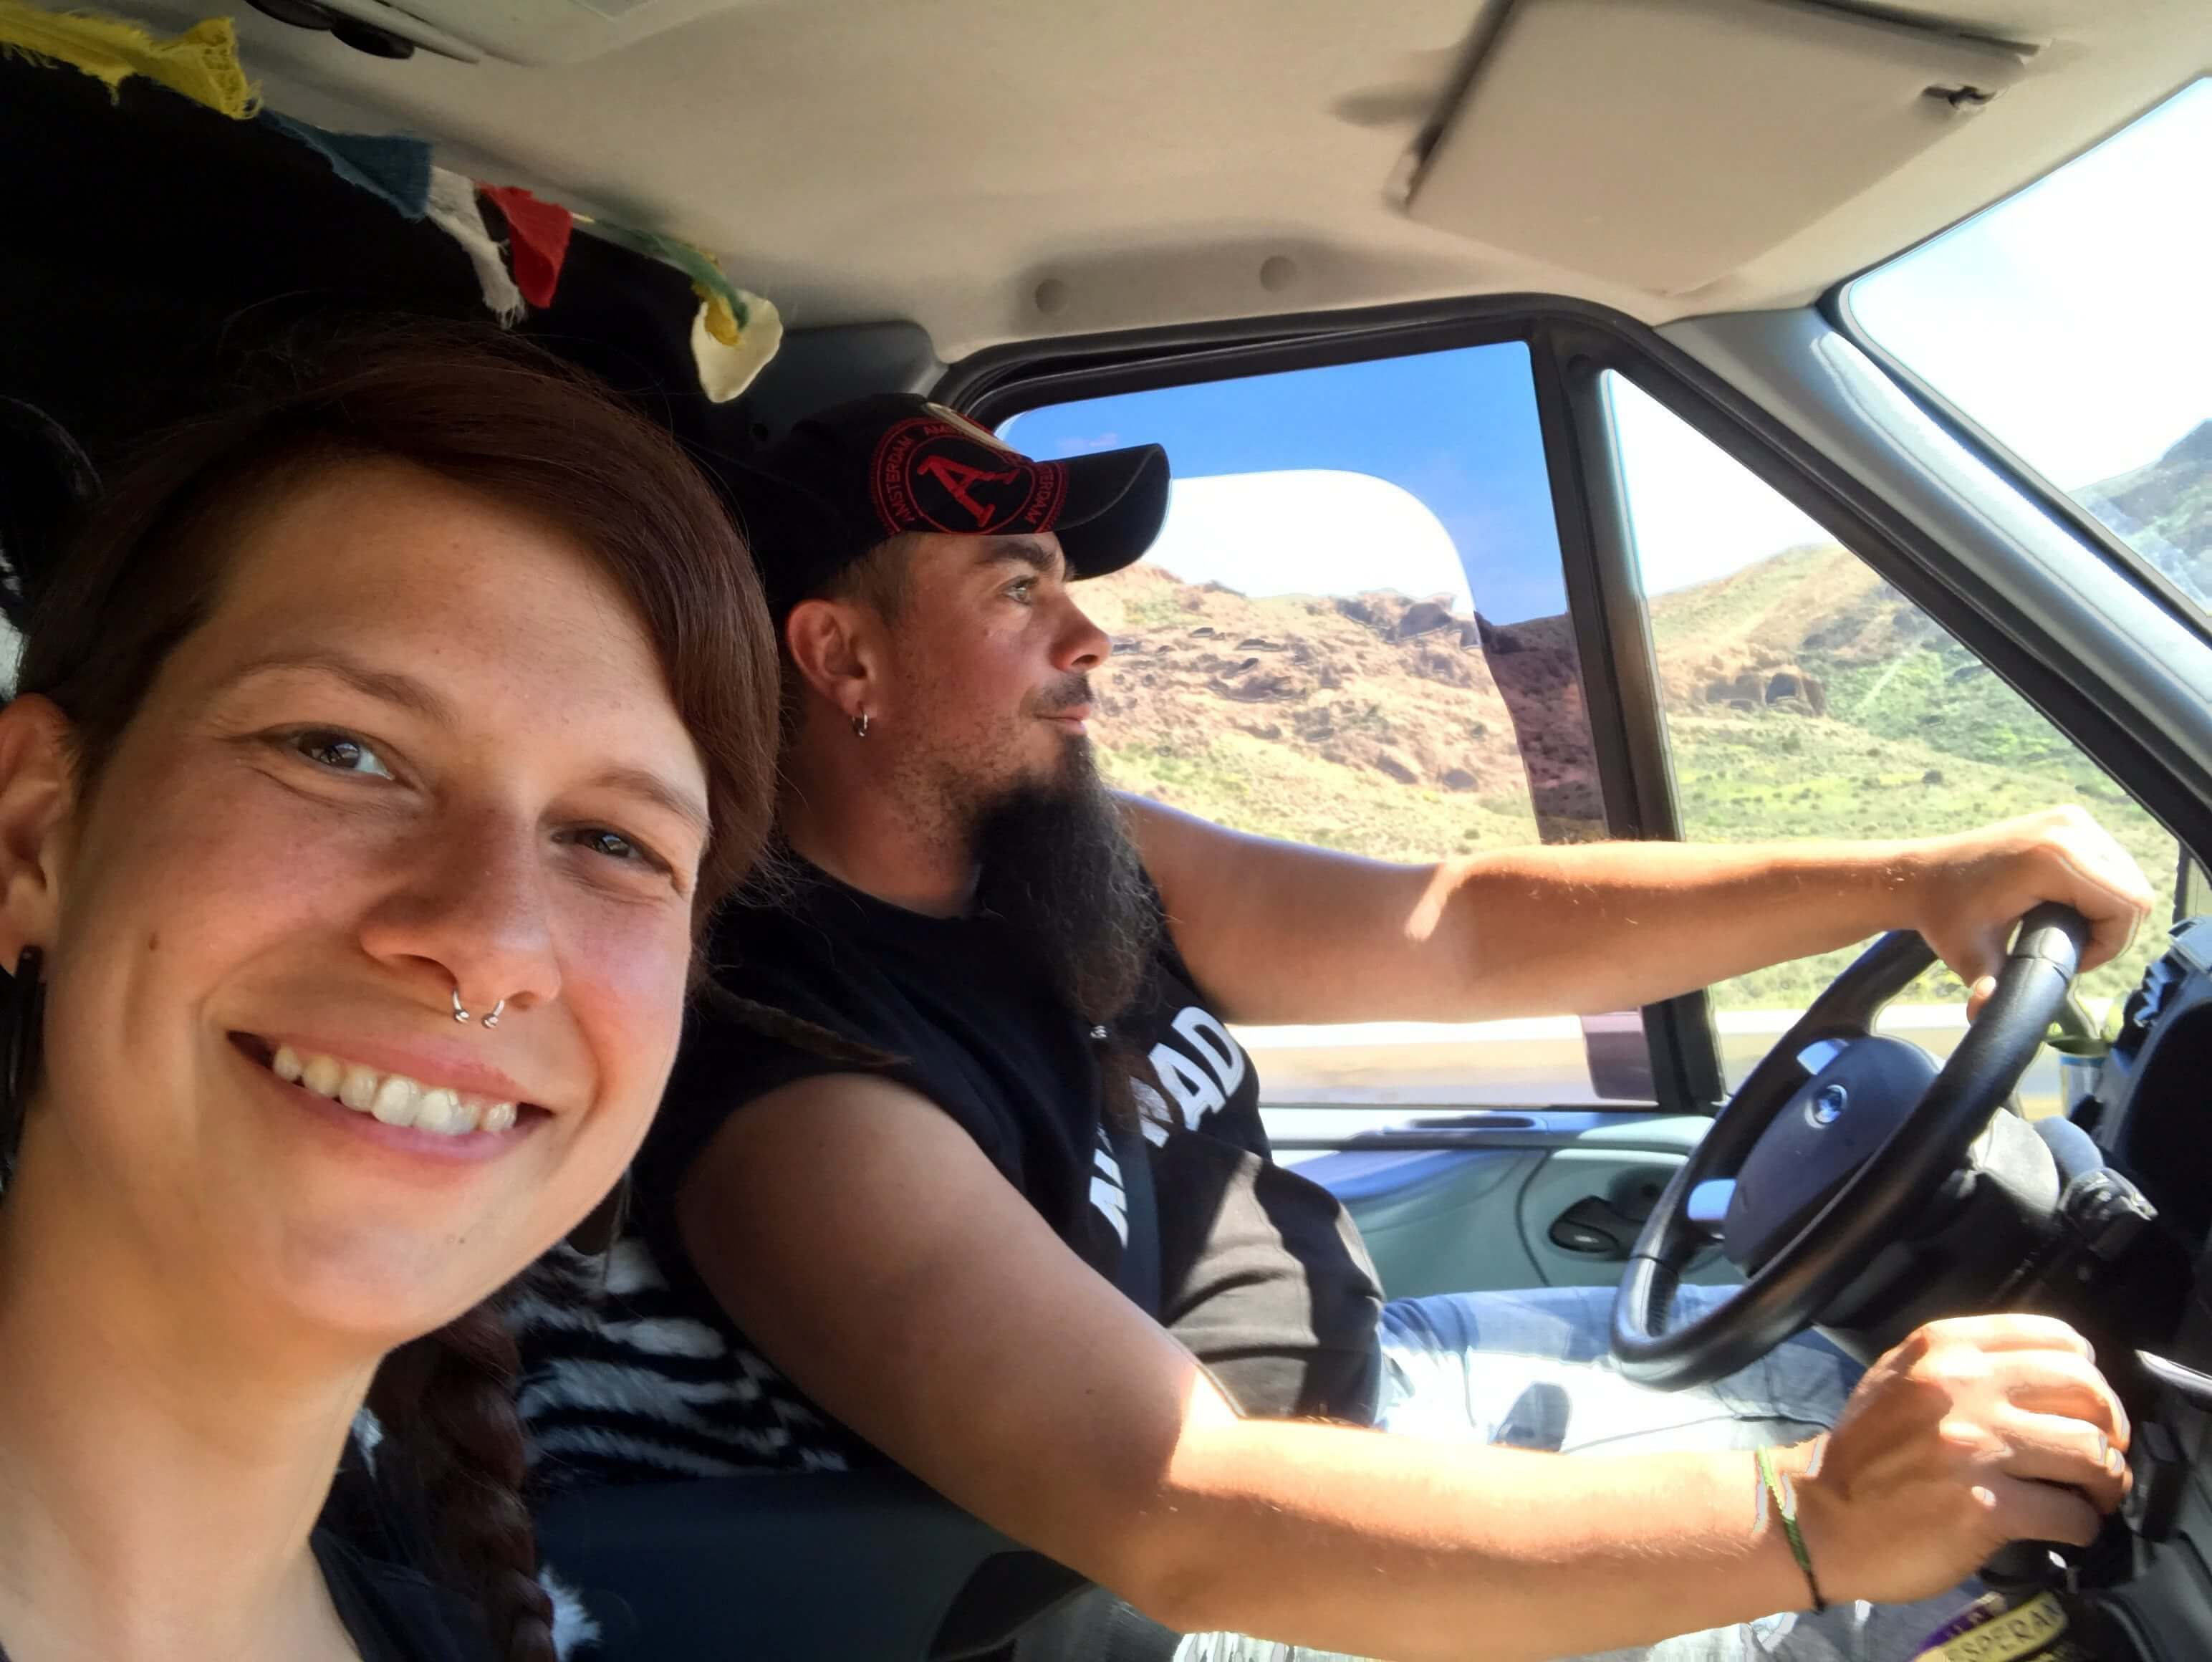 Tascha und Patrick beim Autofahren